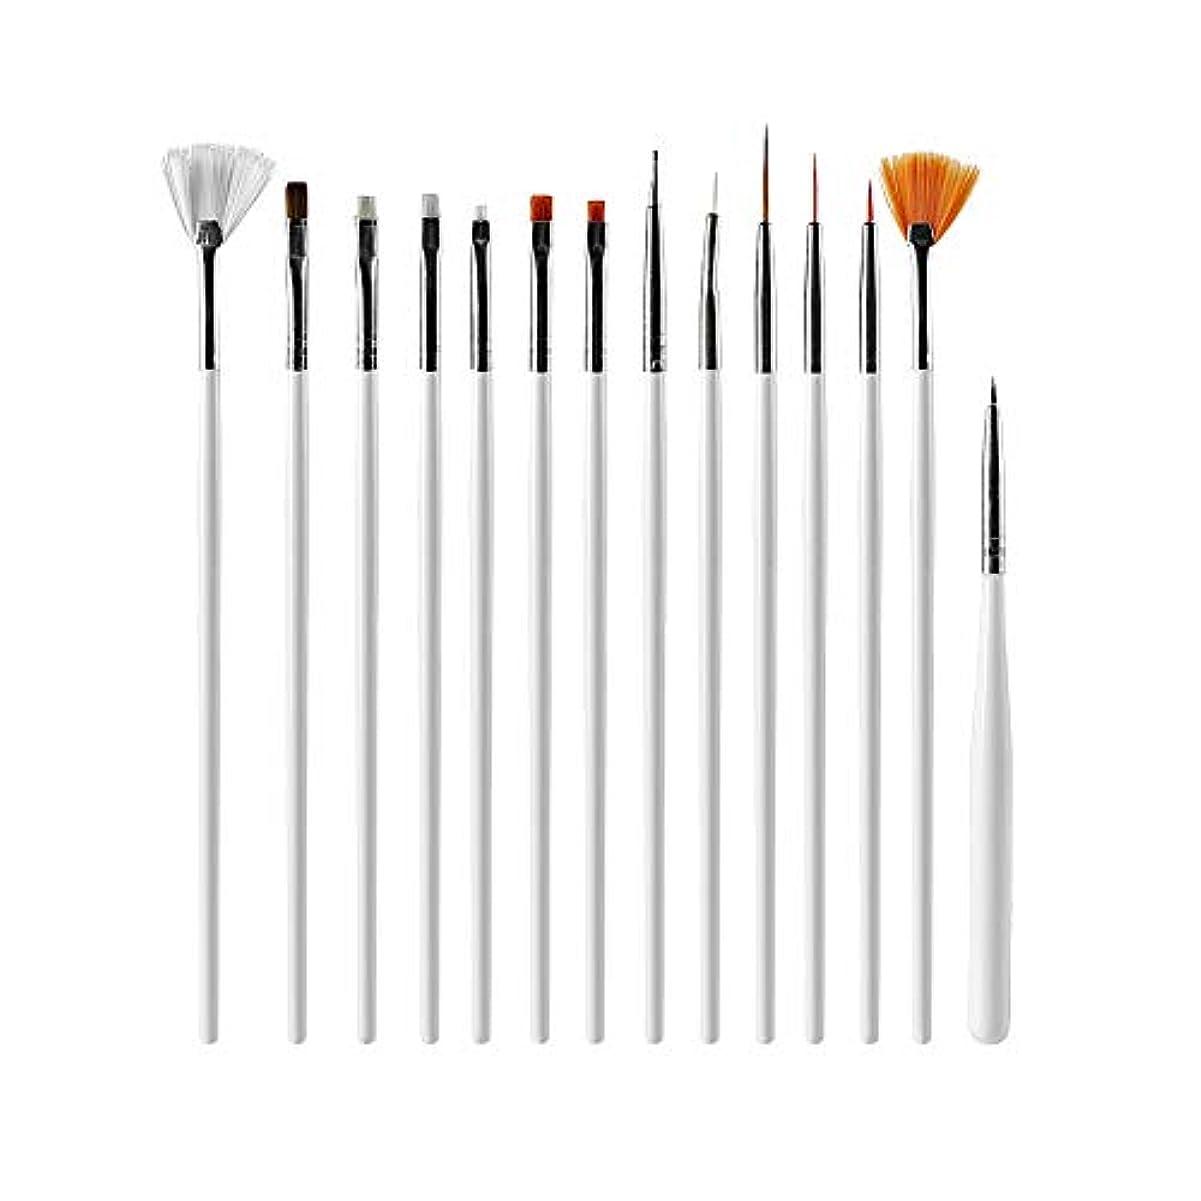 命題奇跡的なエゴマニアネイルブラシペンネイルブラシセット15PCS工具セット、プロの女性DIYネイル用品ネイル描画白